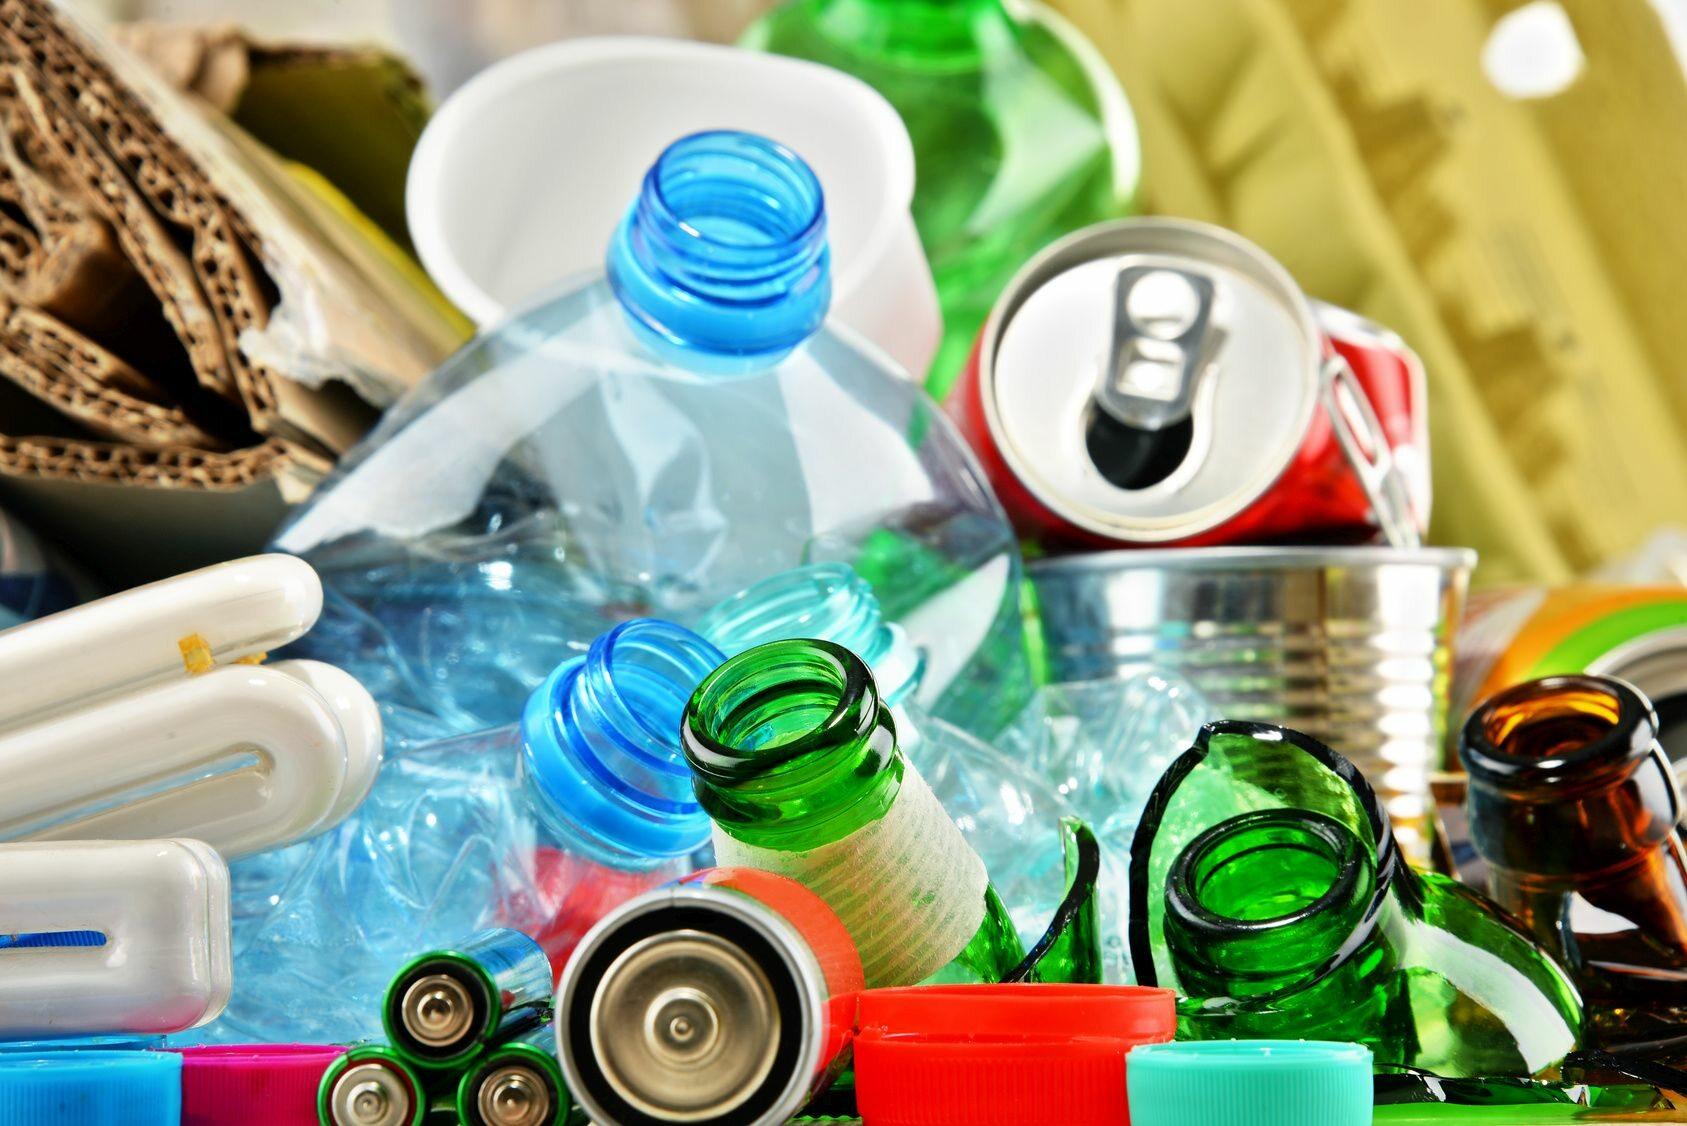 Śmieci, surowce wtórne